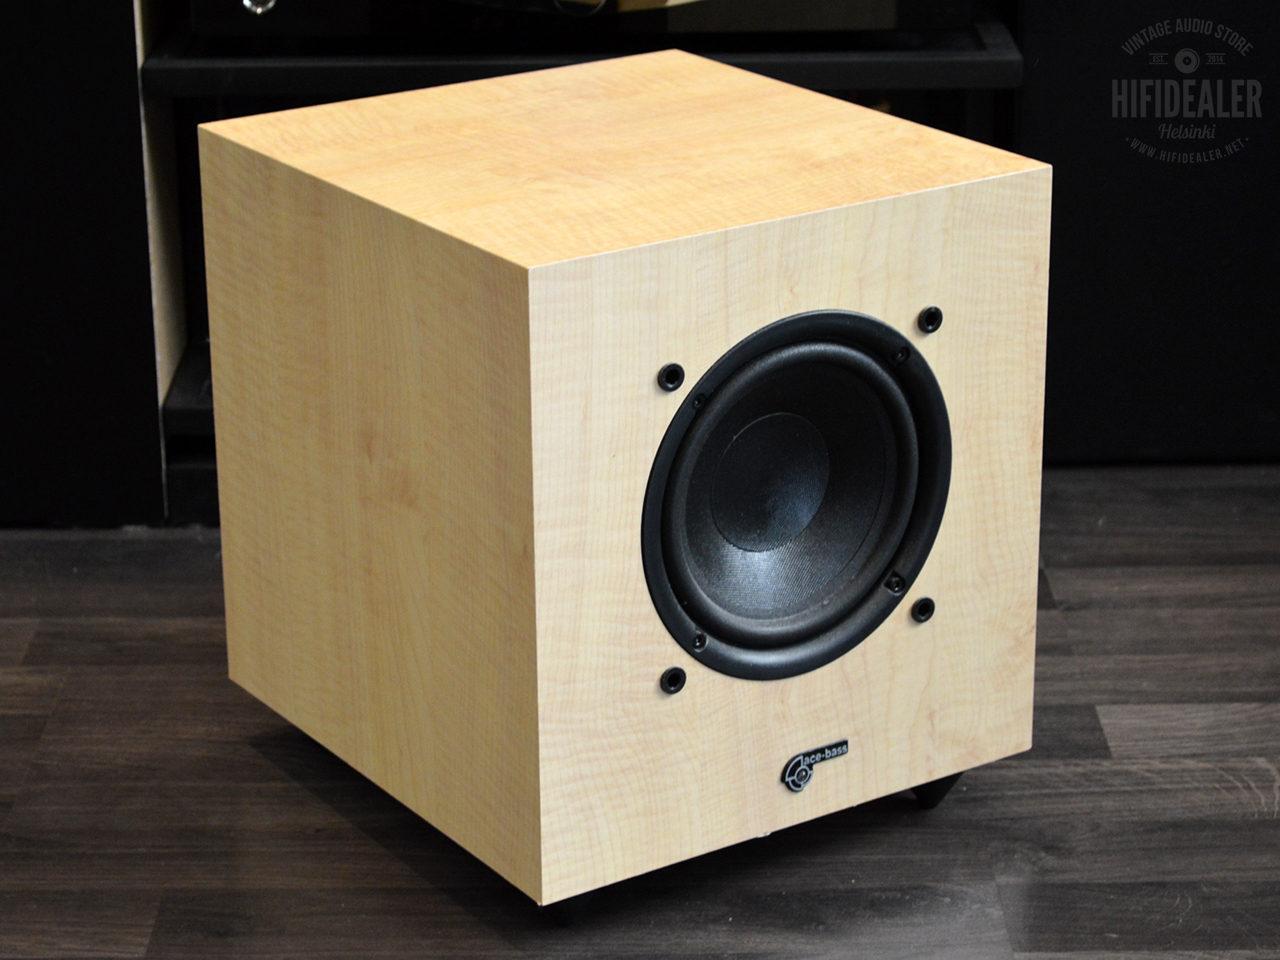 audio-pro-subbari-2